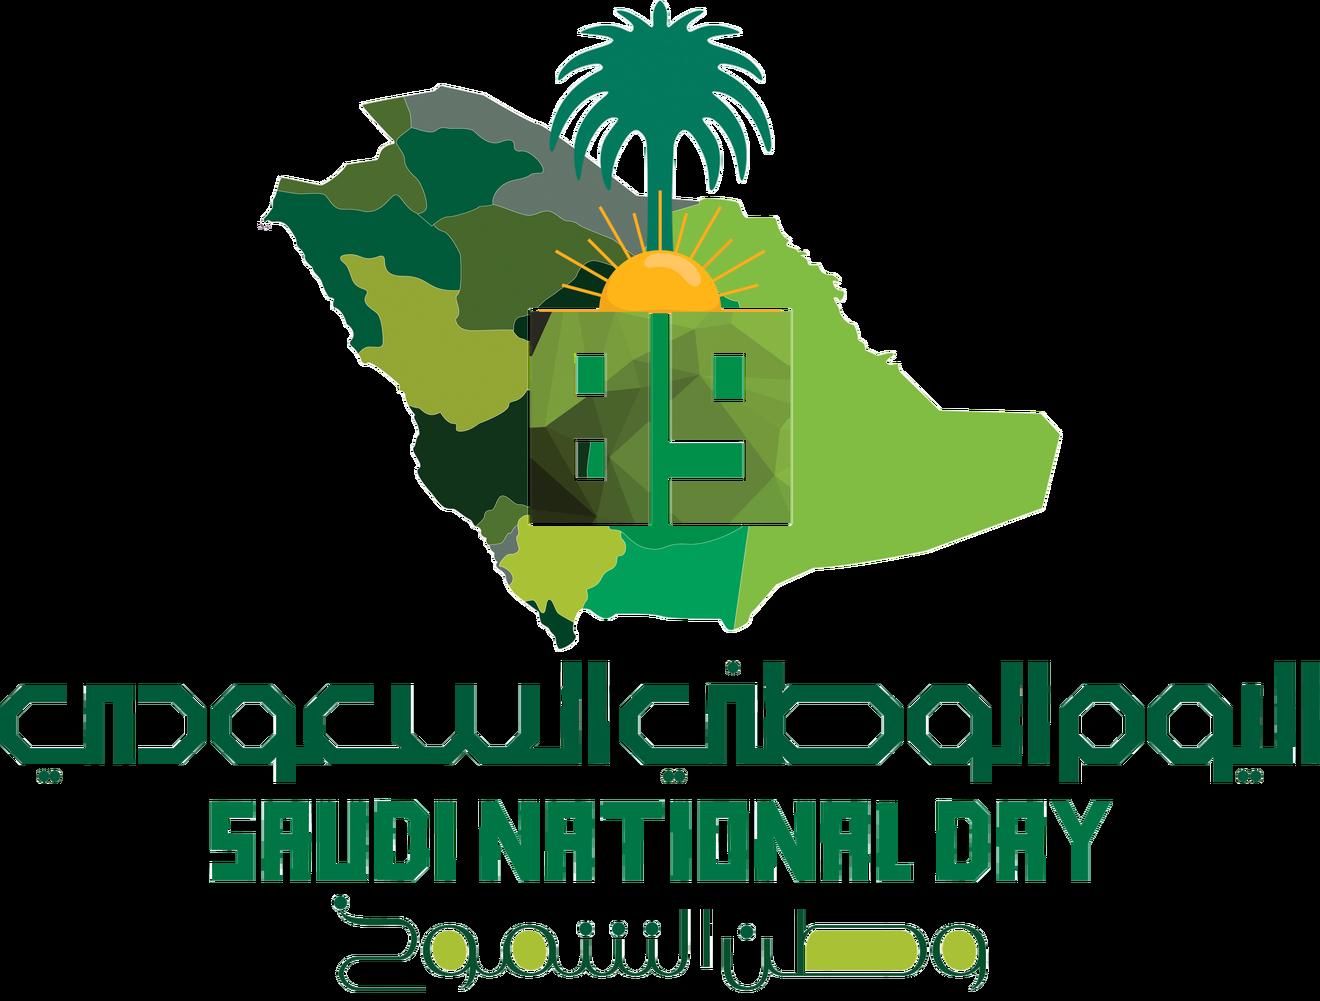 تصميم حلو عن اليوم الوطني ٨٩ للنستقرام